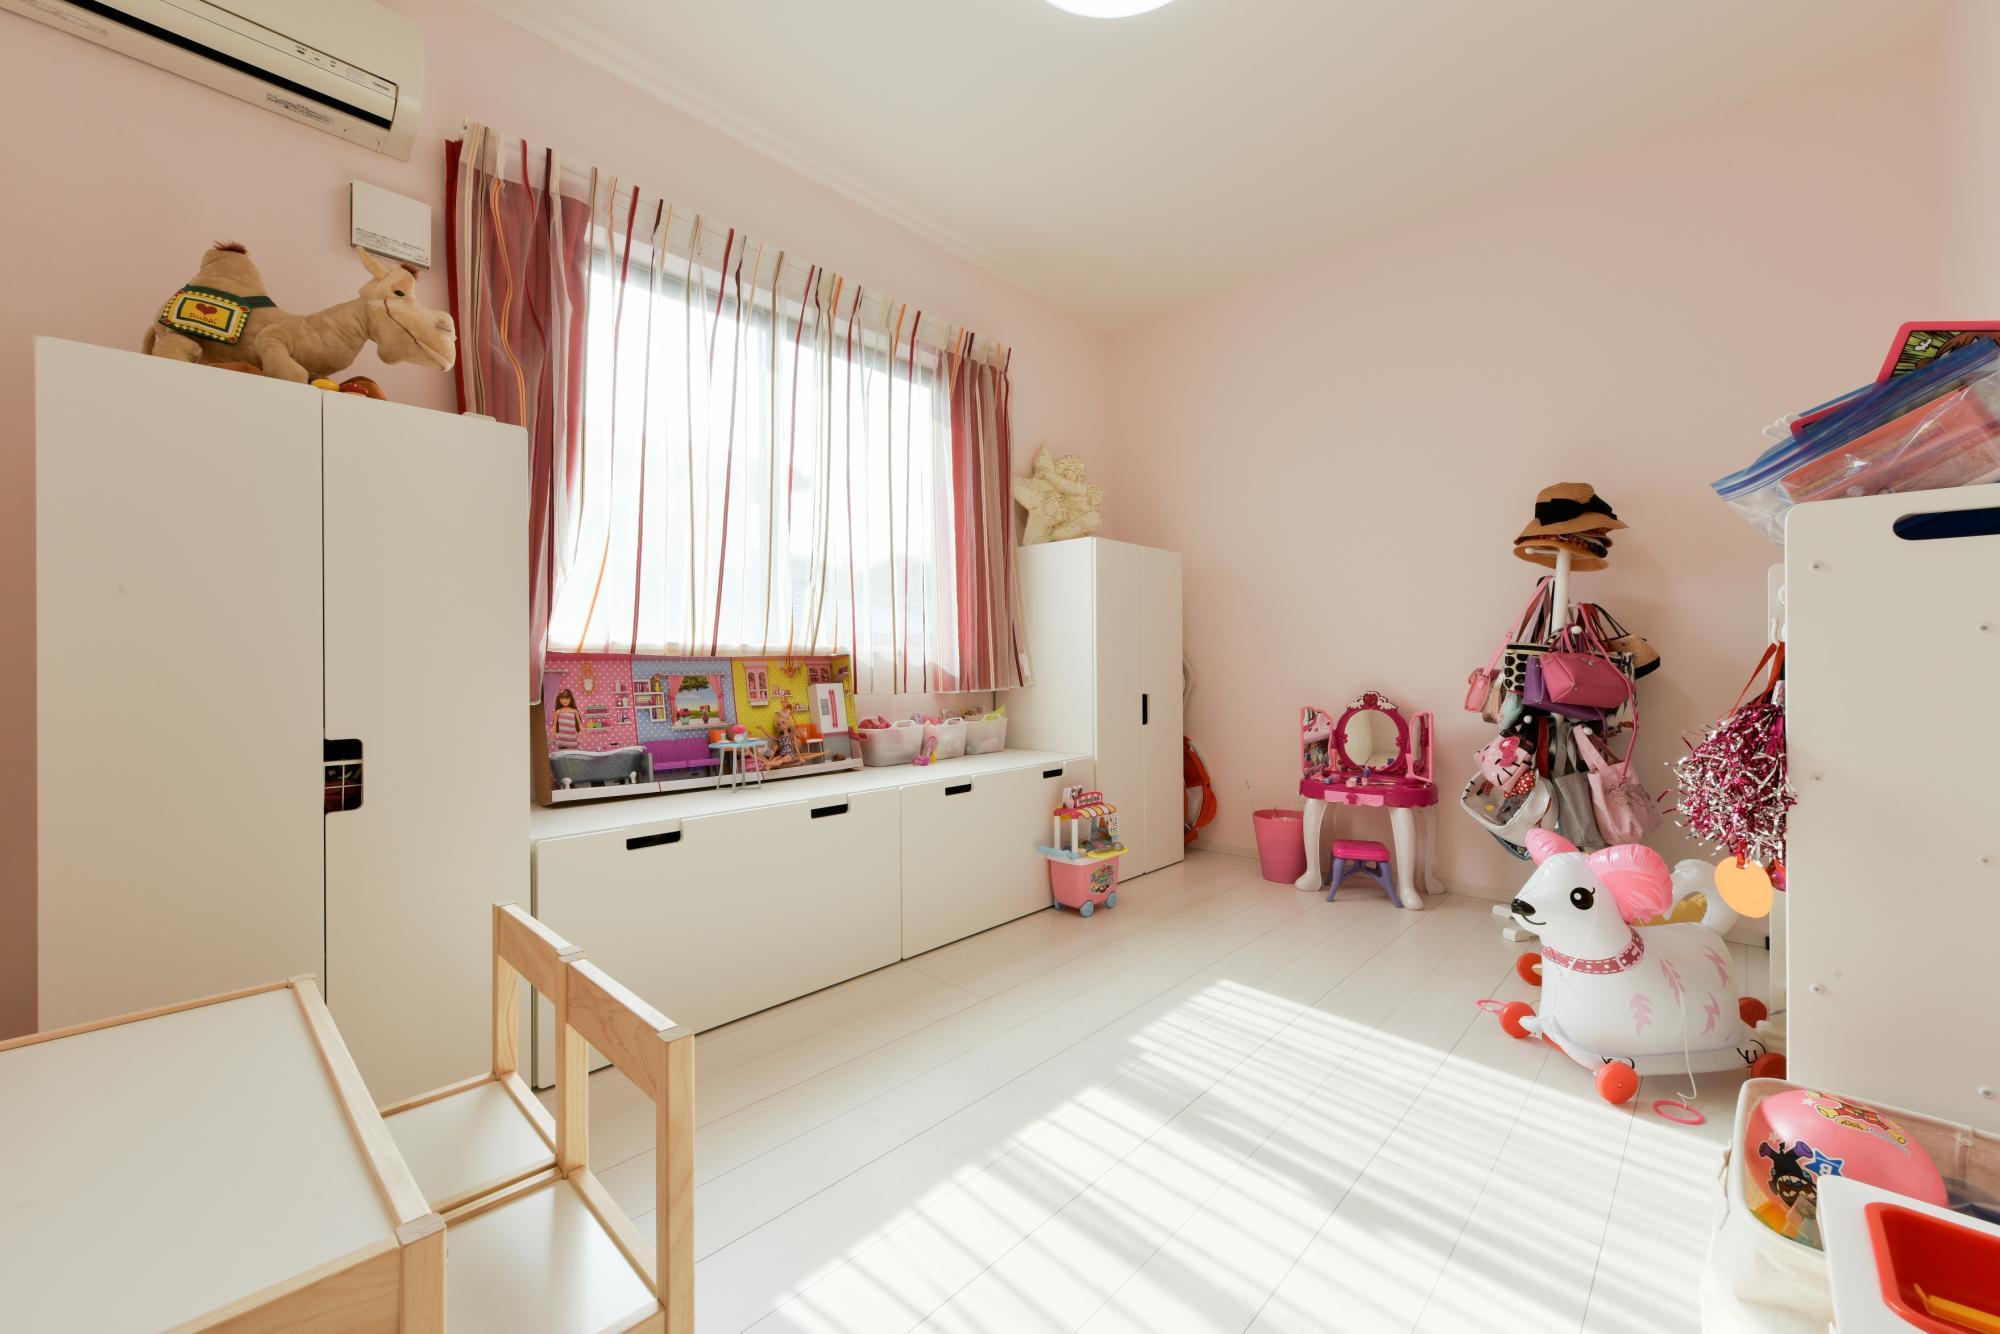 明るい南向きの子供部屋。LDK同様、床も壁も白色に統一した。